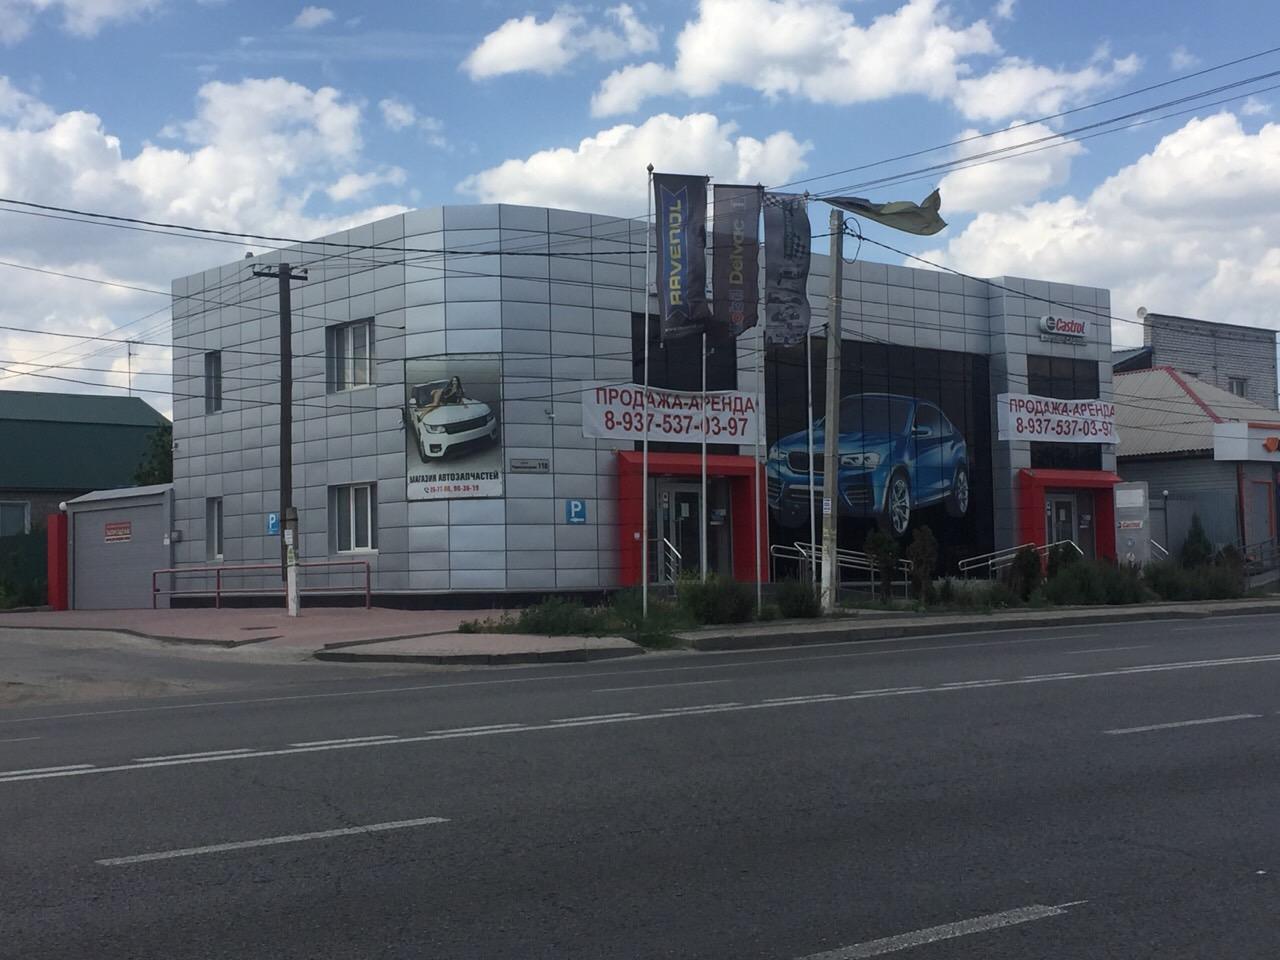 Retail на продажу по адресу Россия, Волгоградская область, городской округ Волгоград, Волгоград, Череповецкая улица, 118